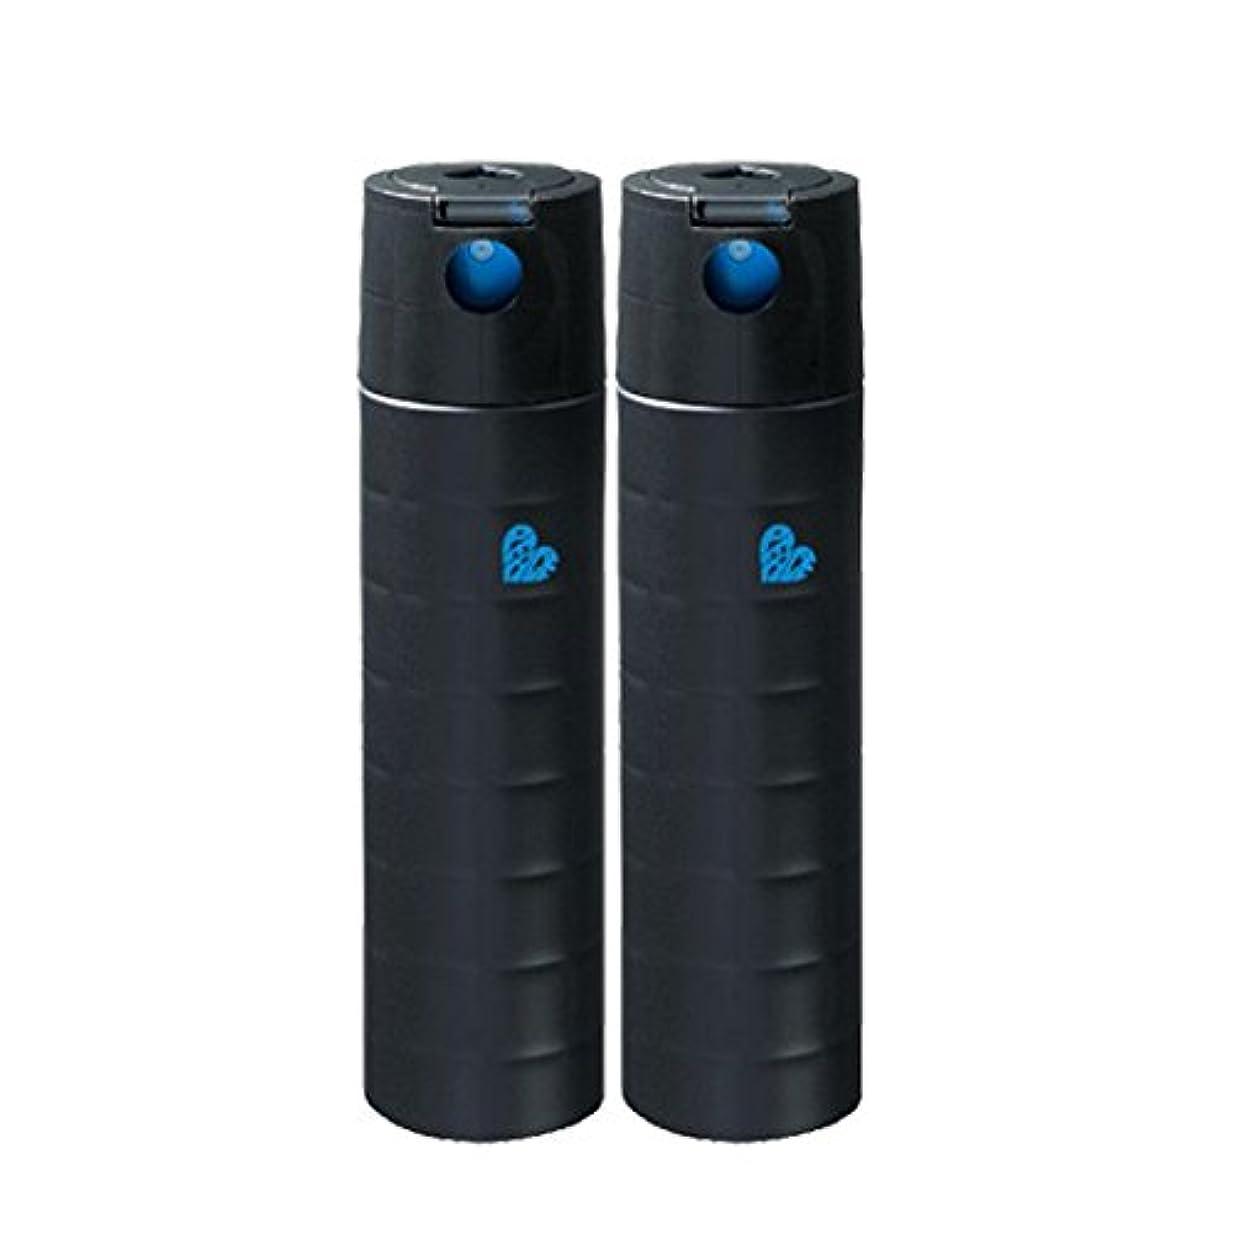 気づかないポテト私たちの【X2個セット】 アリミノ ピース フリーズキープspray ブラック 140g 200ml